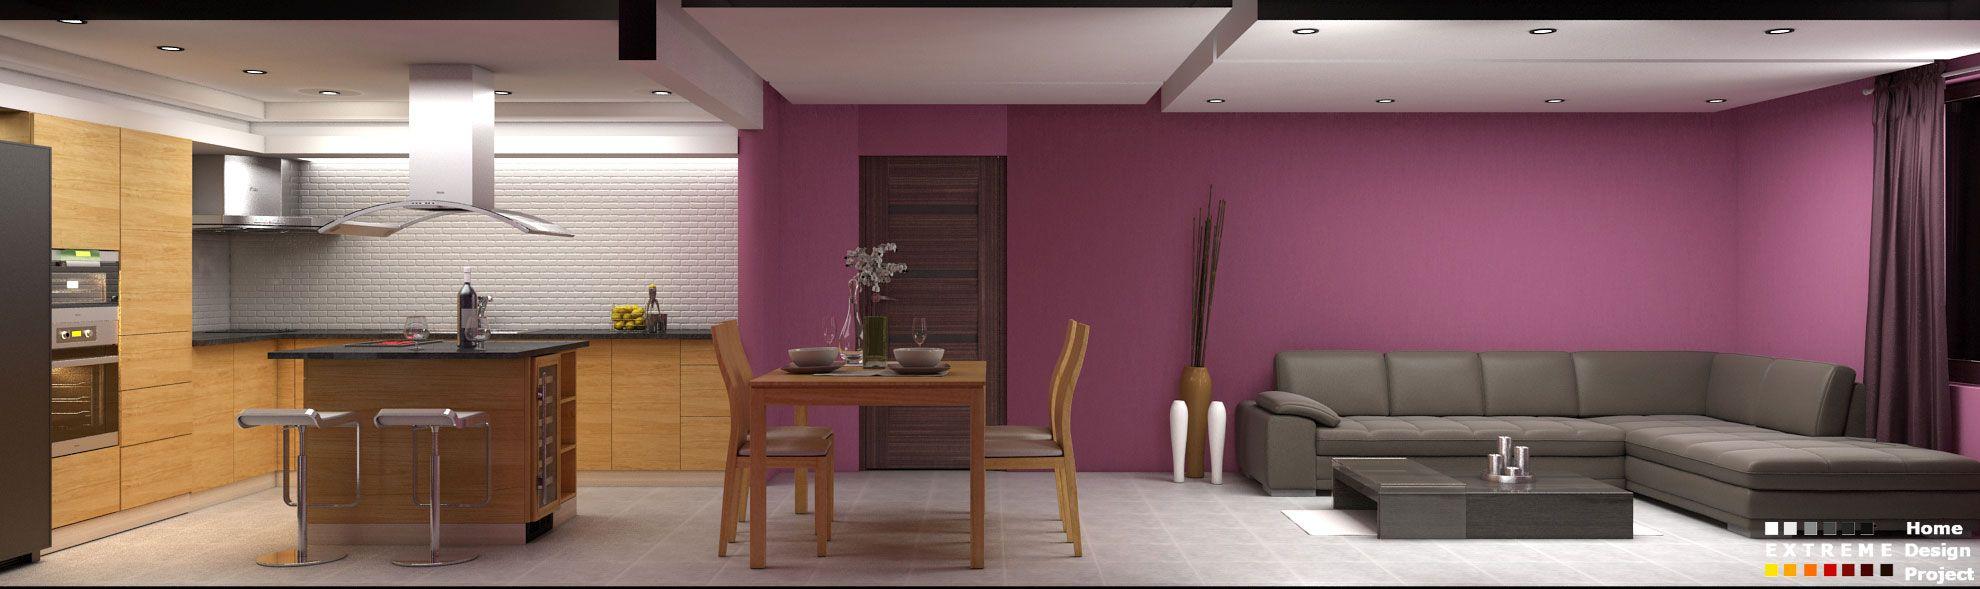 Livingroom_03 | Home decor, Living room, Dream house